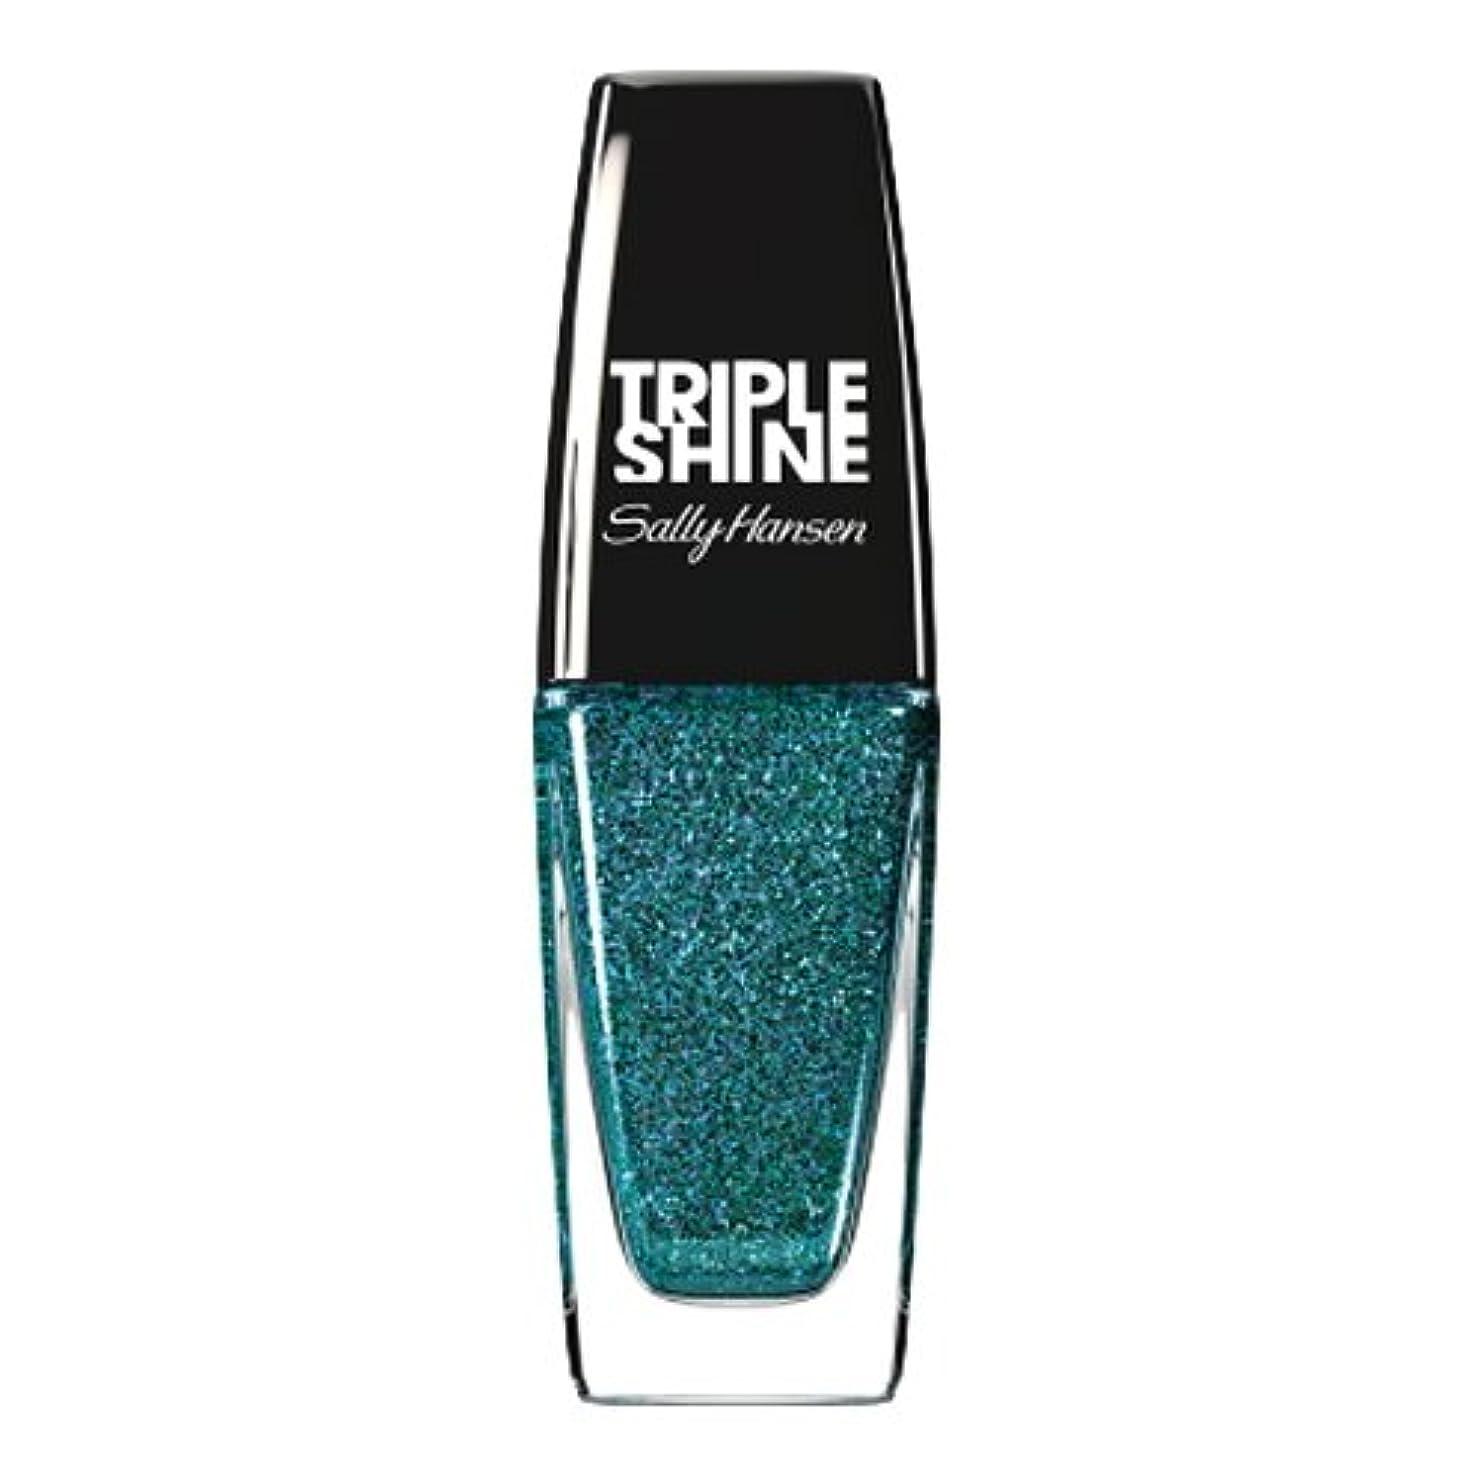 縞模様の除外するデータベースSALLY HANSEN Triple Shine Nail Polish - Sparkling Water (並行輸入品)